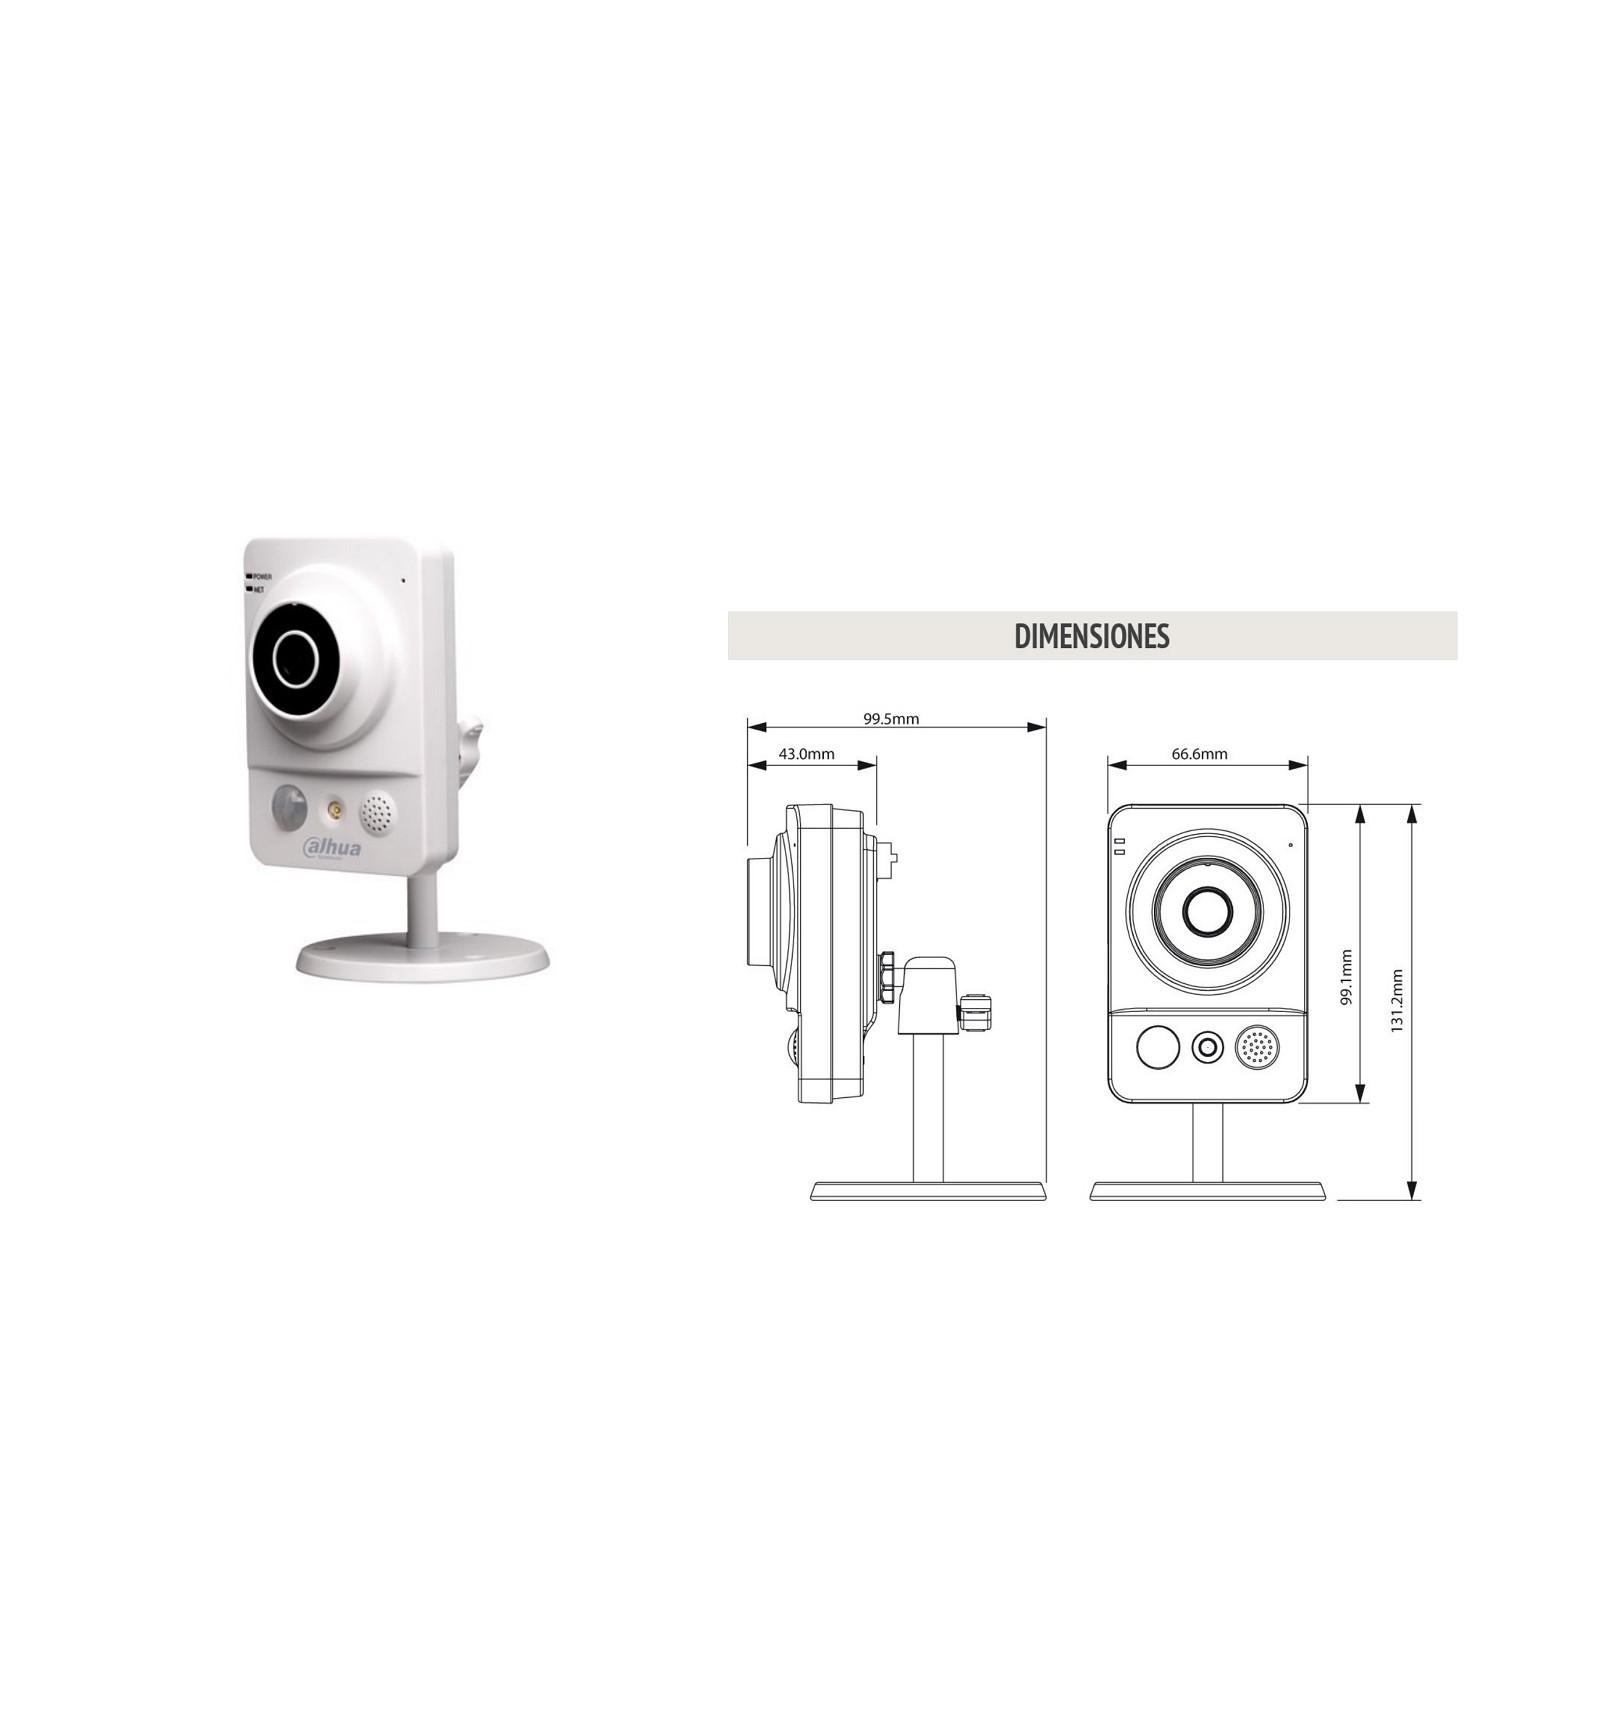 Camara de vigilancia ip wifi cubo con luz blanca y - Camaras de vigilancia ip wifi ...